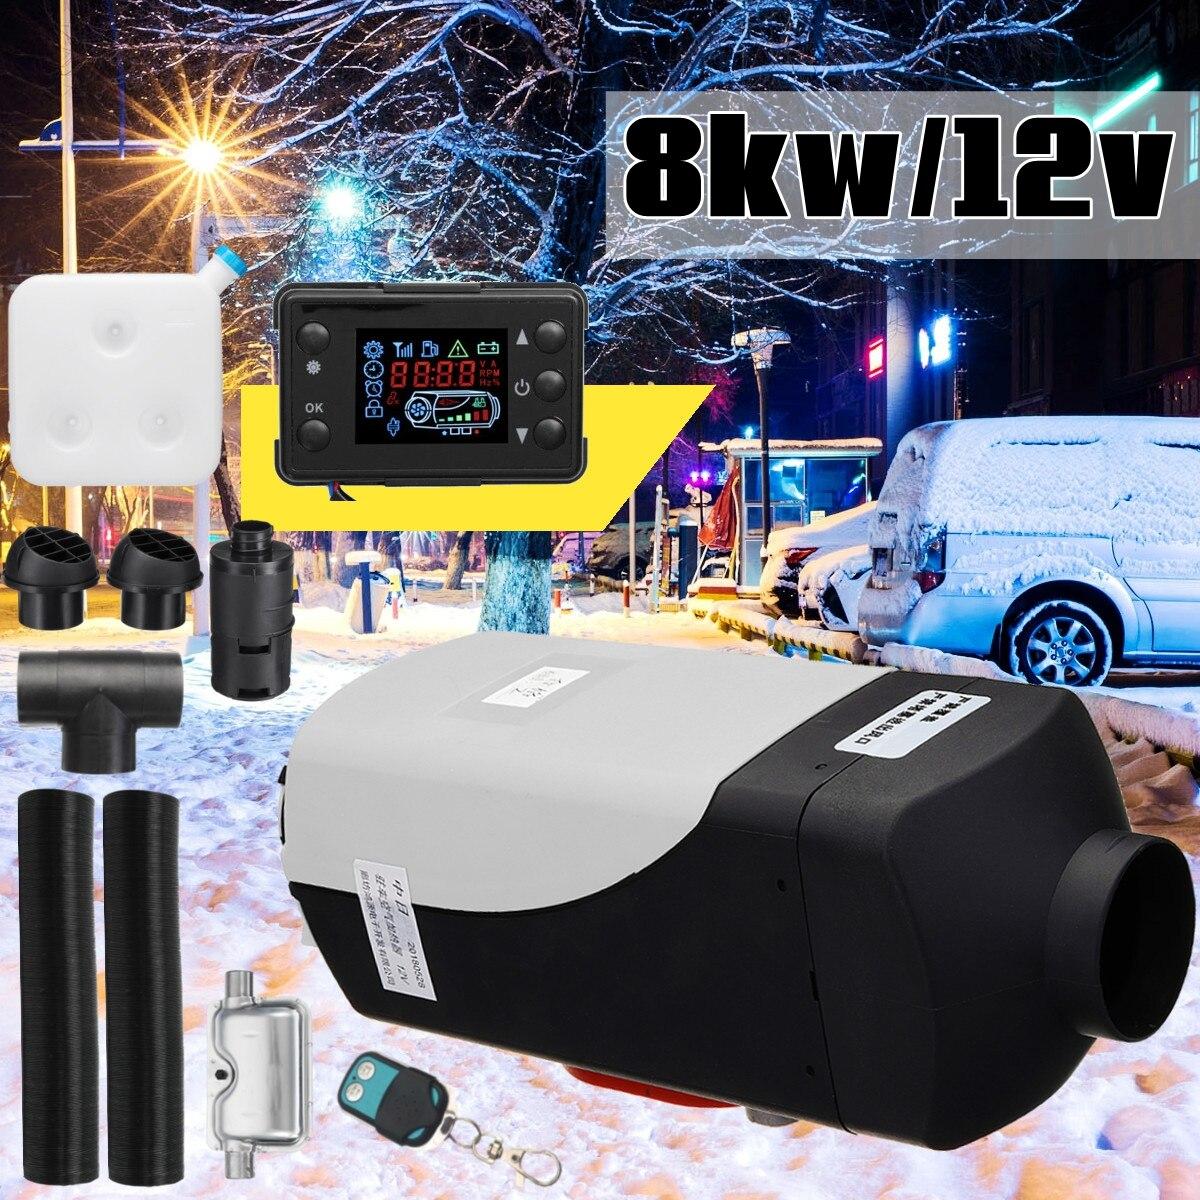 12 В 8000 Вт ЖК-монитор Air ELS топливный нагреватель с одним отверстием 8кВт для лодки автобус автомобильный нагреватель с пультом дистанционног...